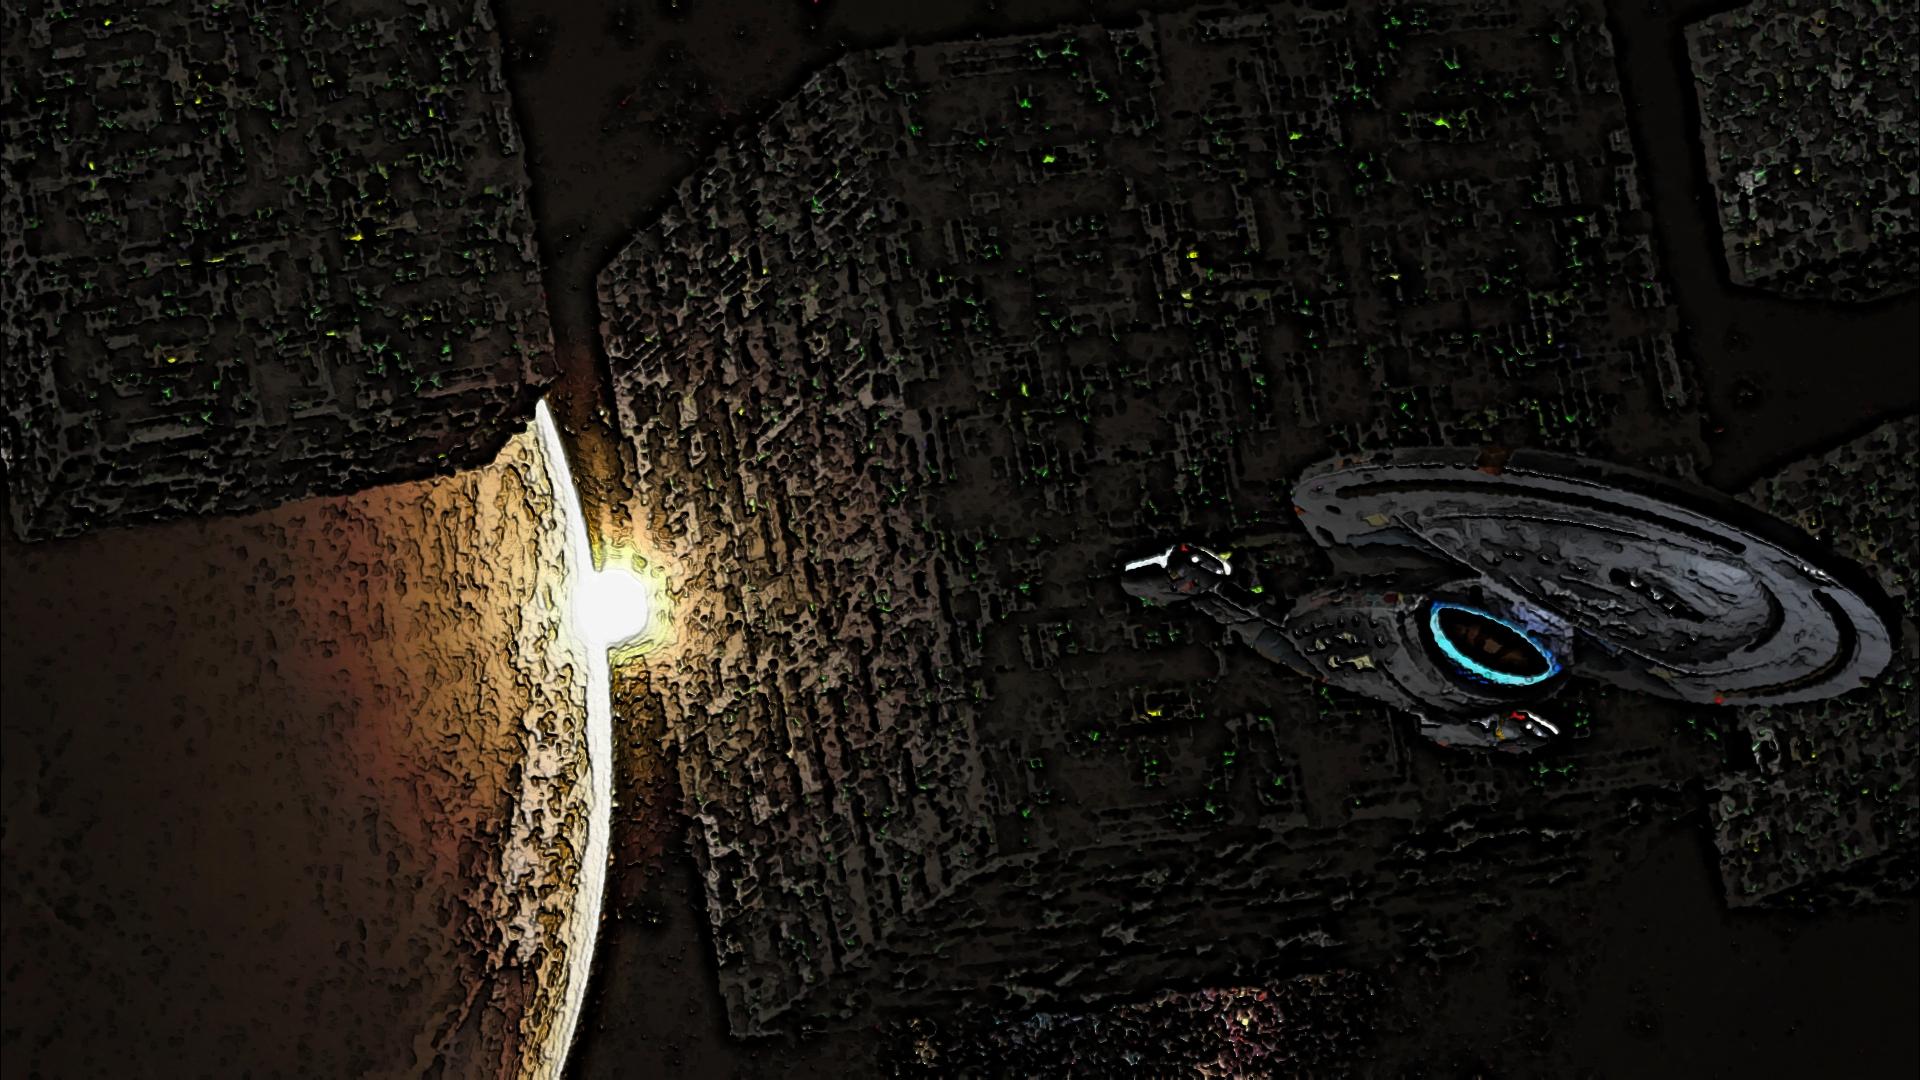 Image of Borg Star Trek   WallpaperAsk 1920x1080